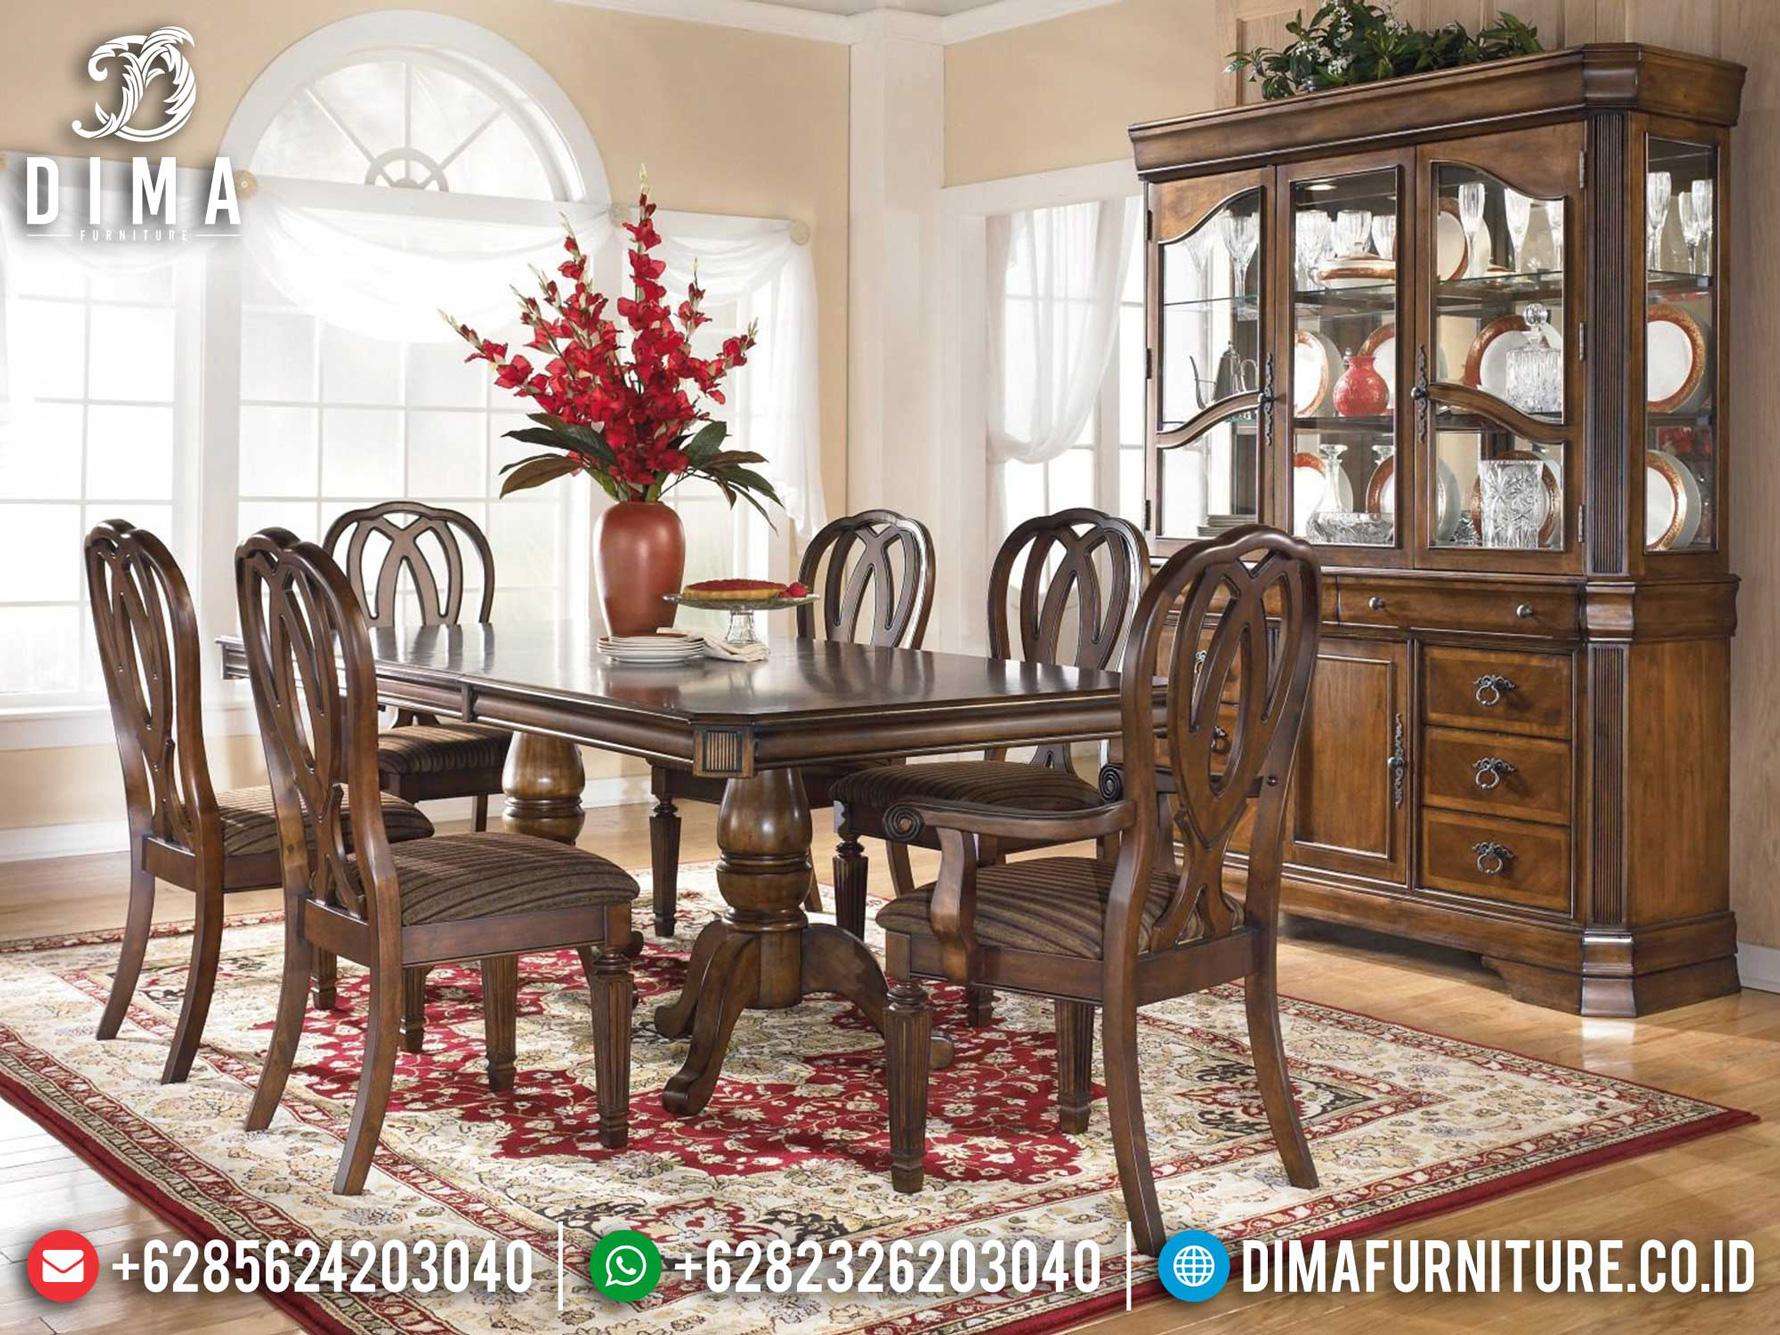 Set Meja Makan Mewah Classic Luxury Wonderful Design Furniture Jepara Mm-1017